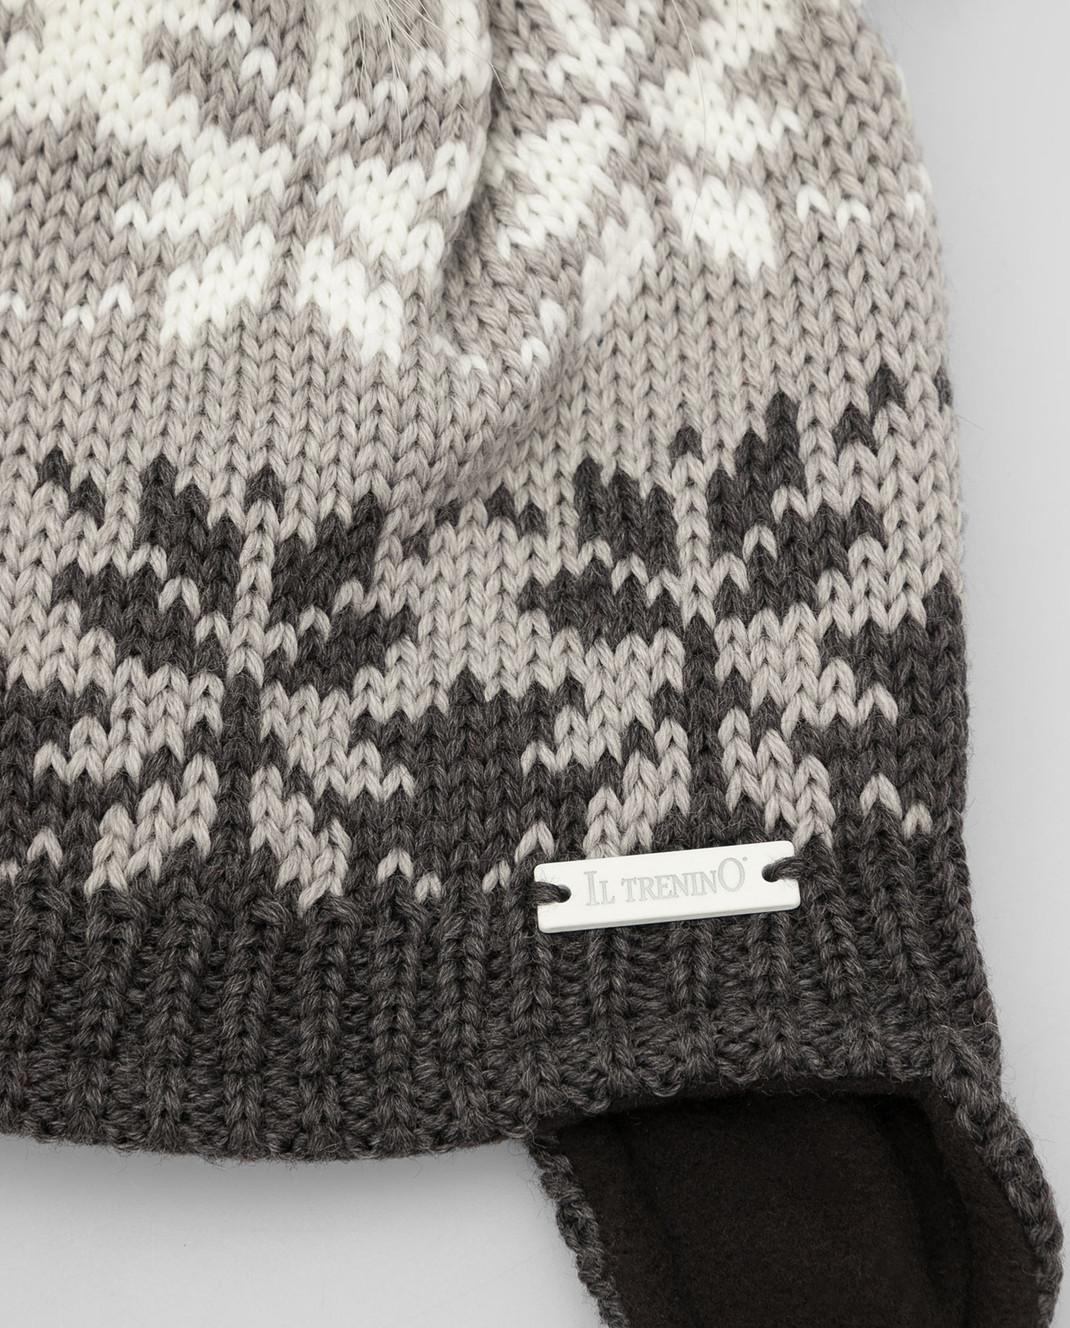 Il Trenino Детская темно-серая шапка из шерсти изображение 3